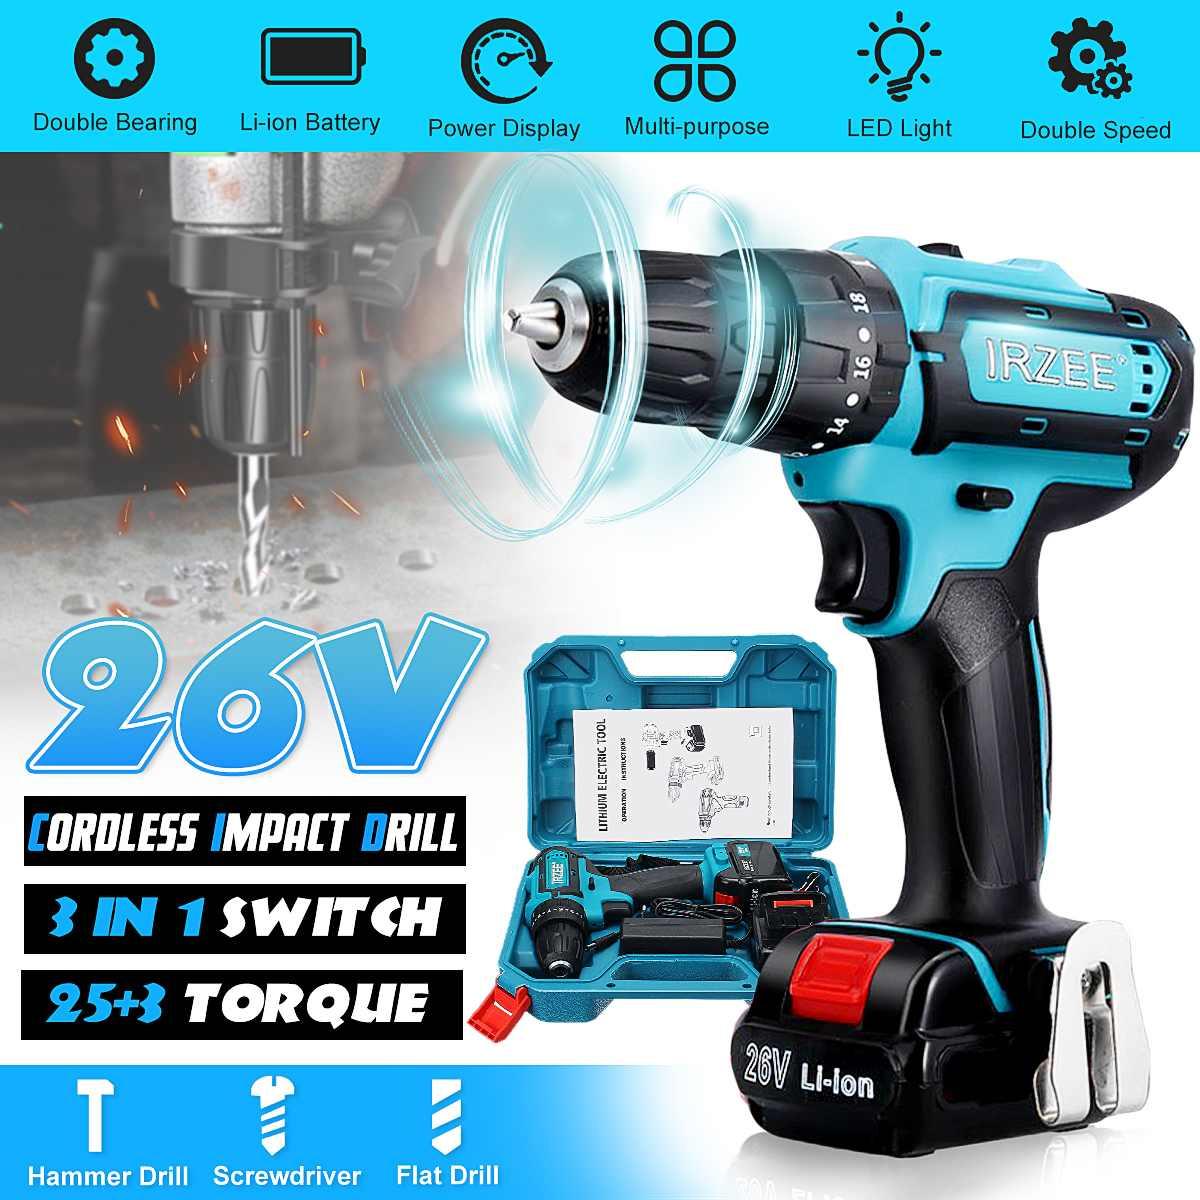 3 en 1 26 V 18 + 1/25 + 3 tournevis électrique sans fil perceuse à percussion électrique batterie Li-Ion 2 vitesses bricolage outils électriques pour la maison